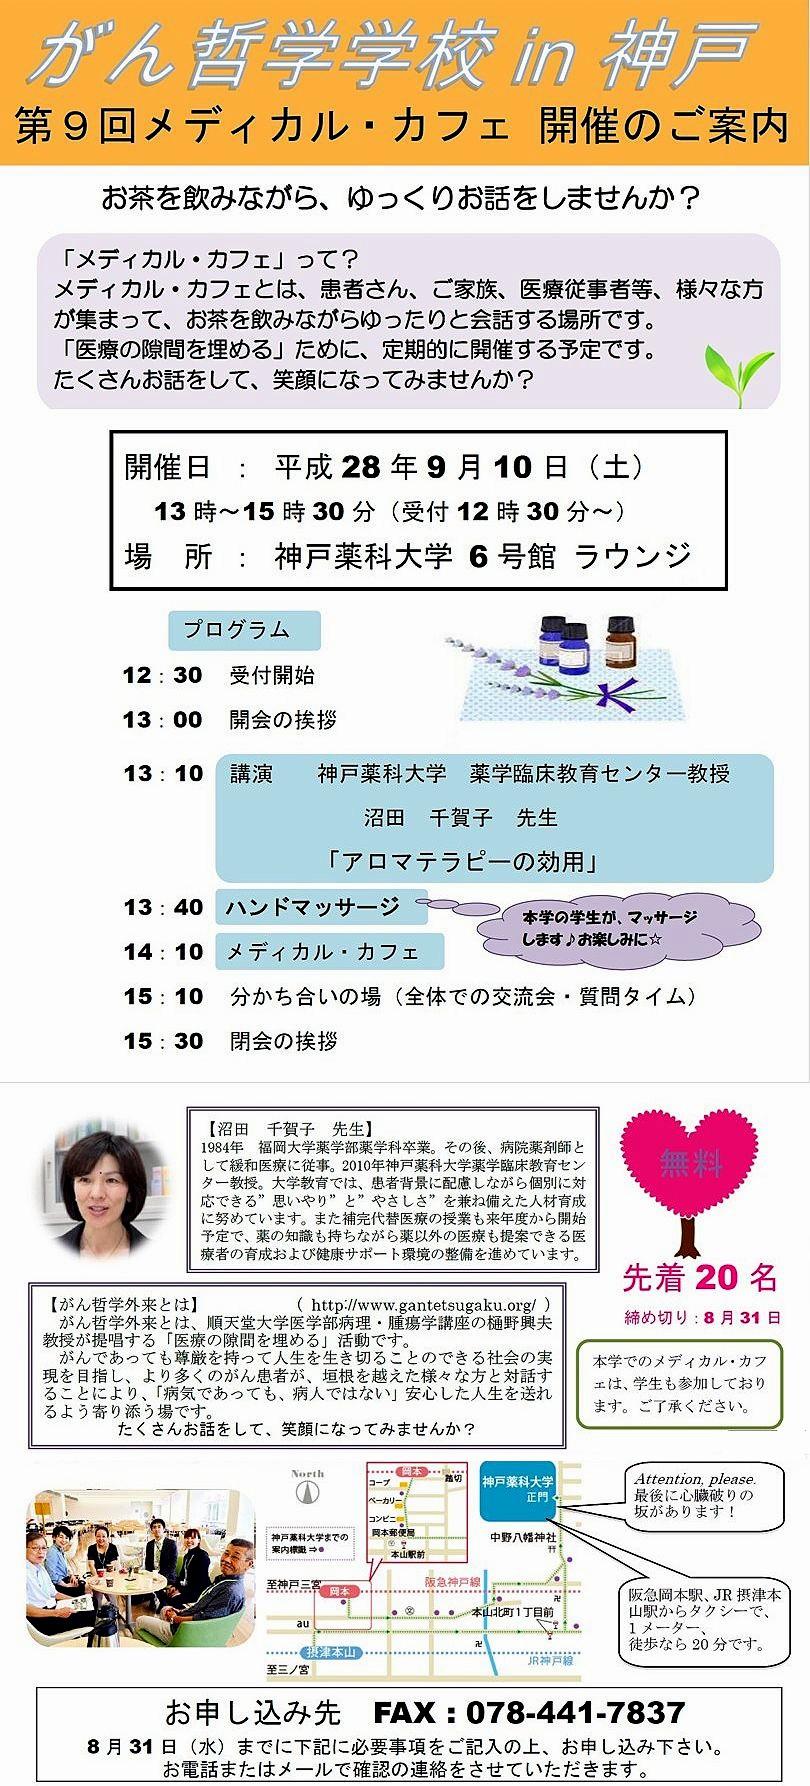 kyoujyu1-1.jpg